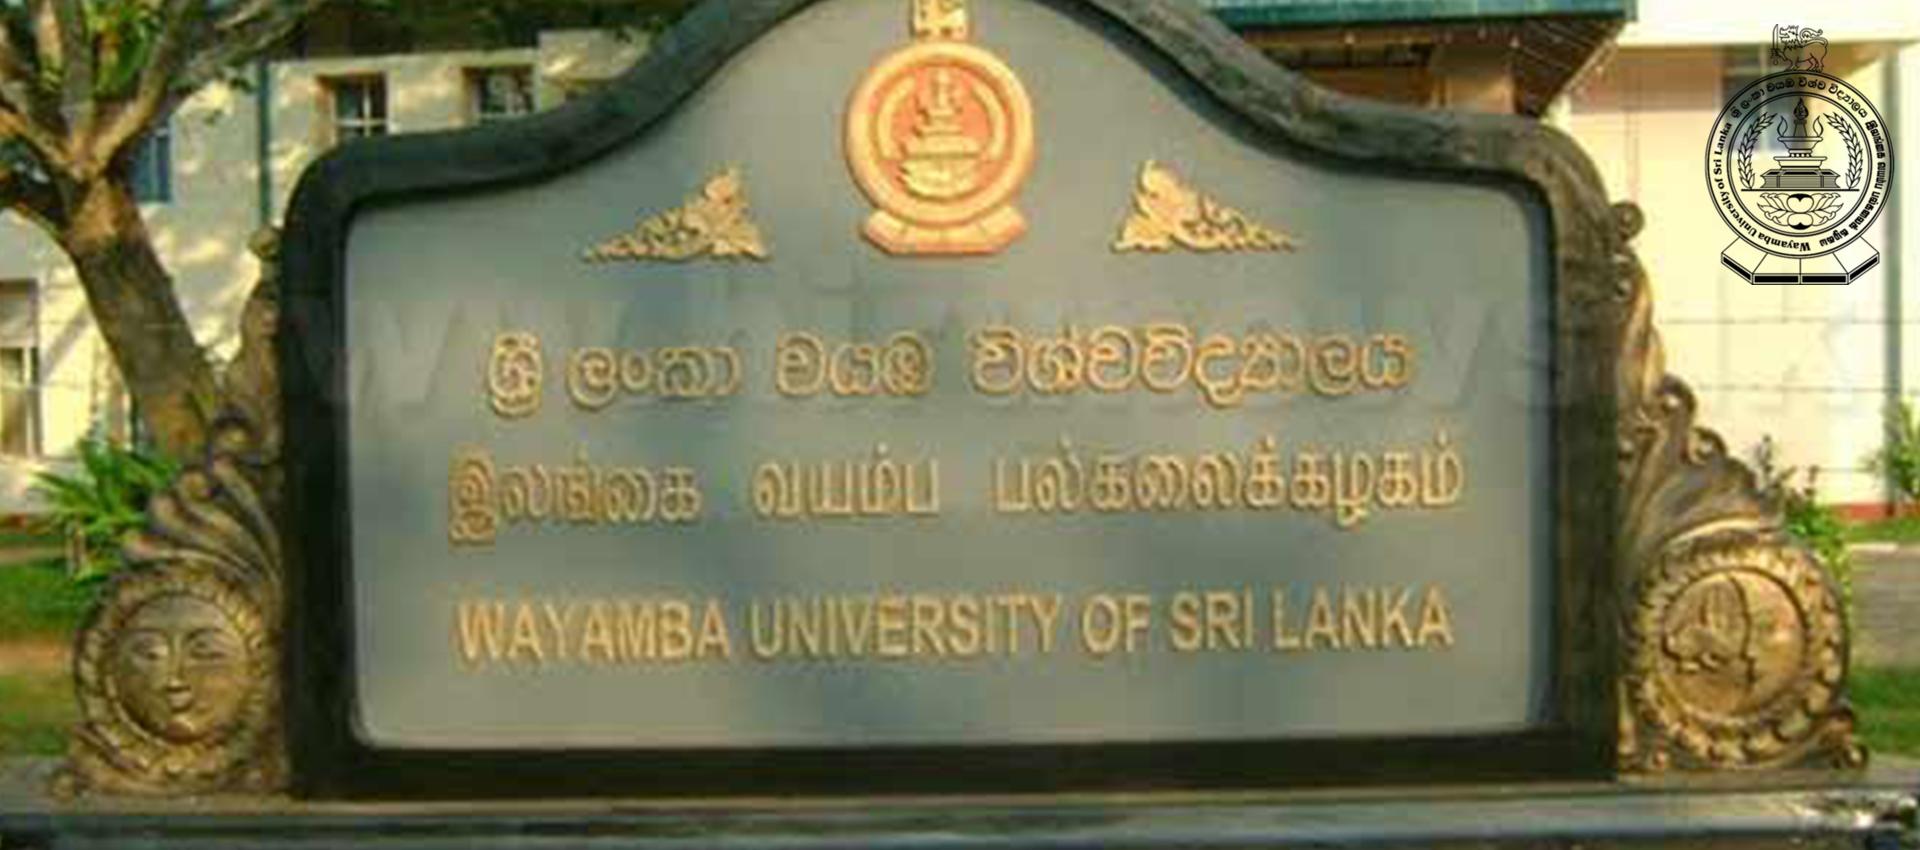 Yesman.lk - Cover Image - Wayamba University